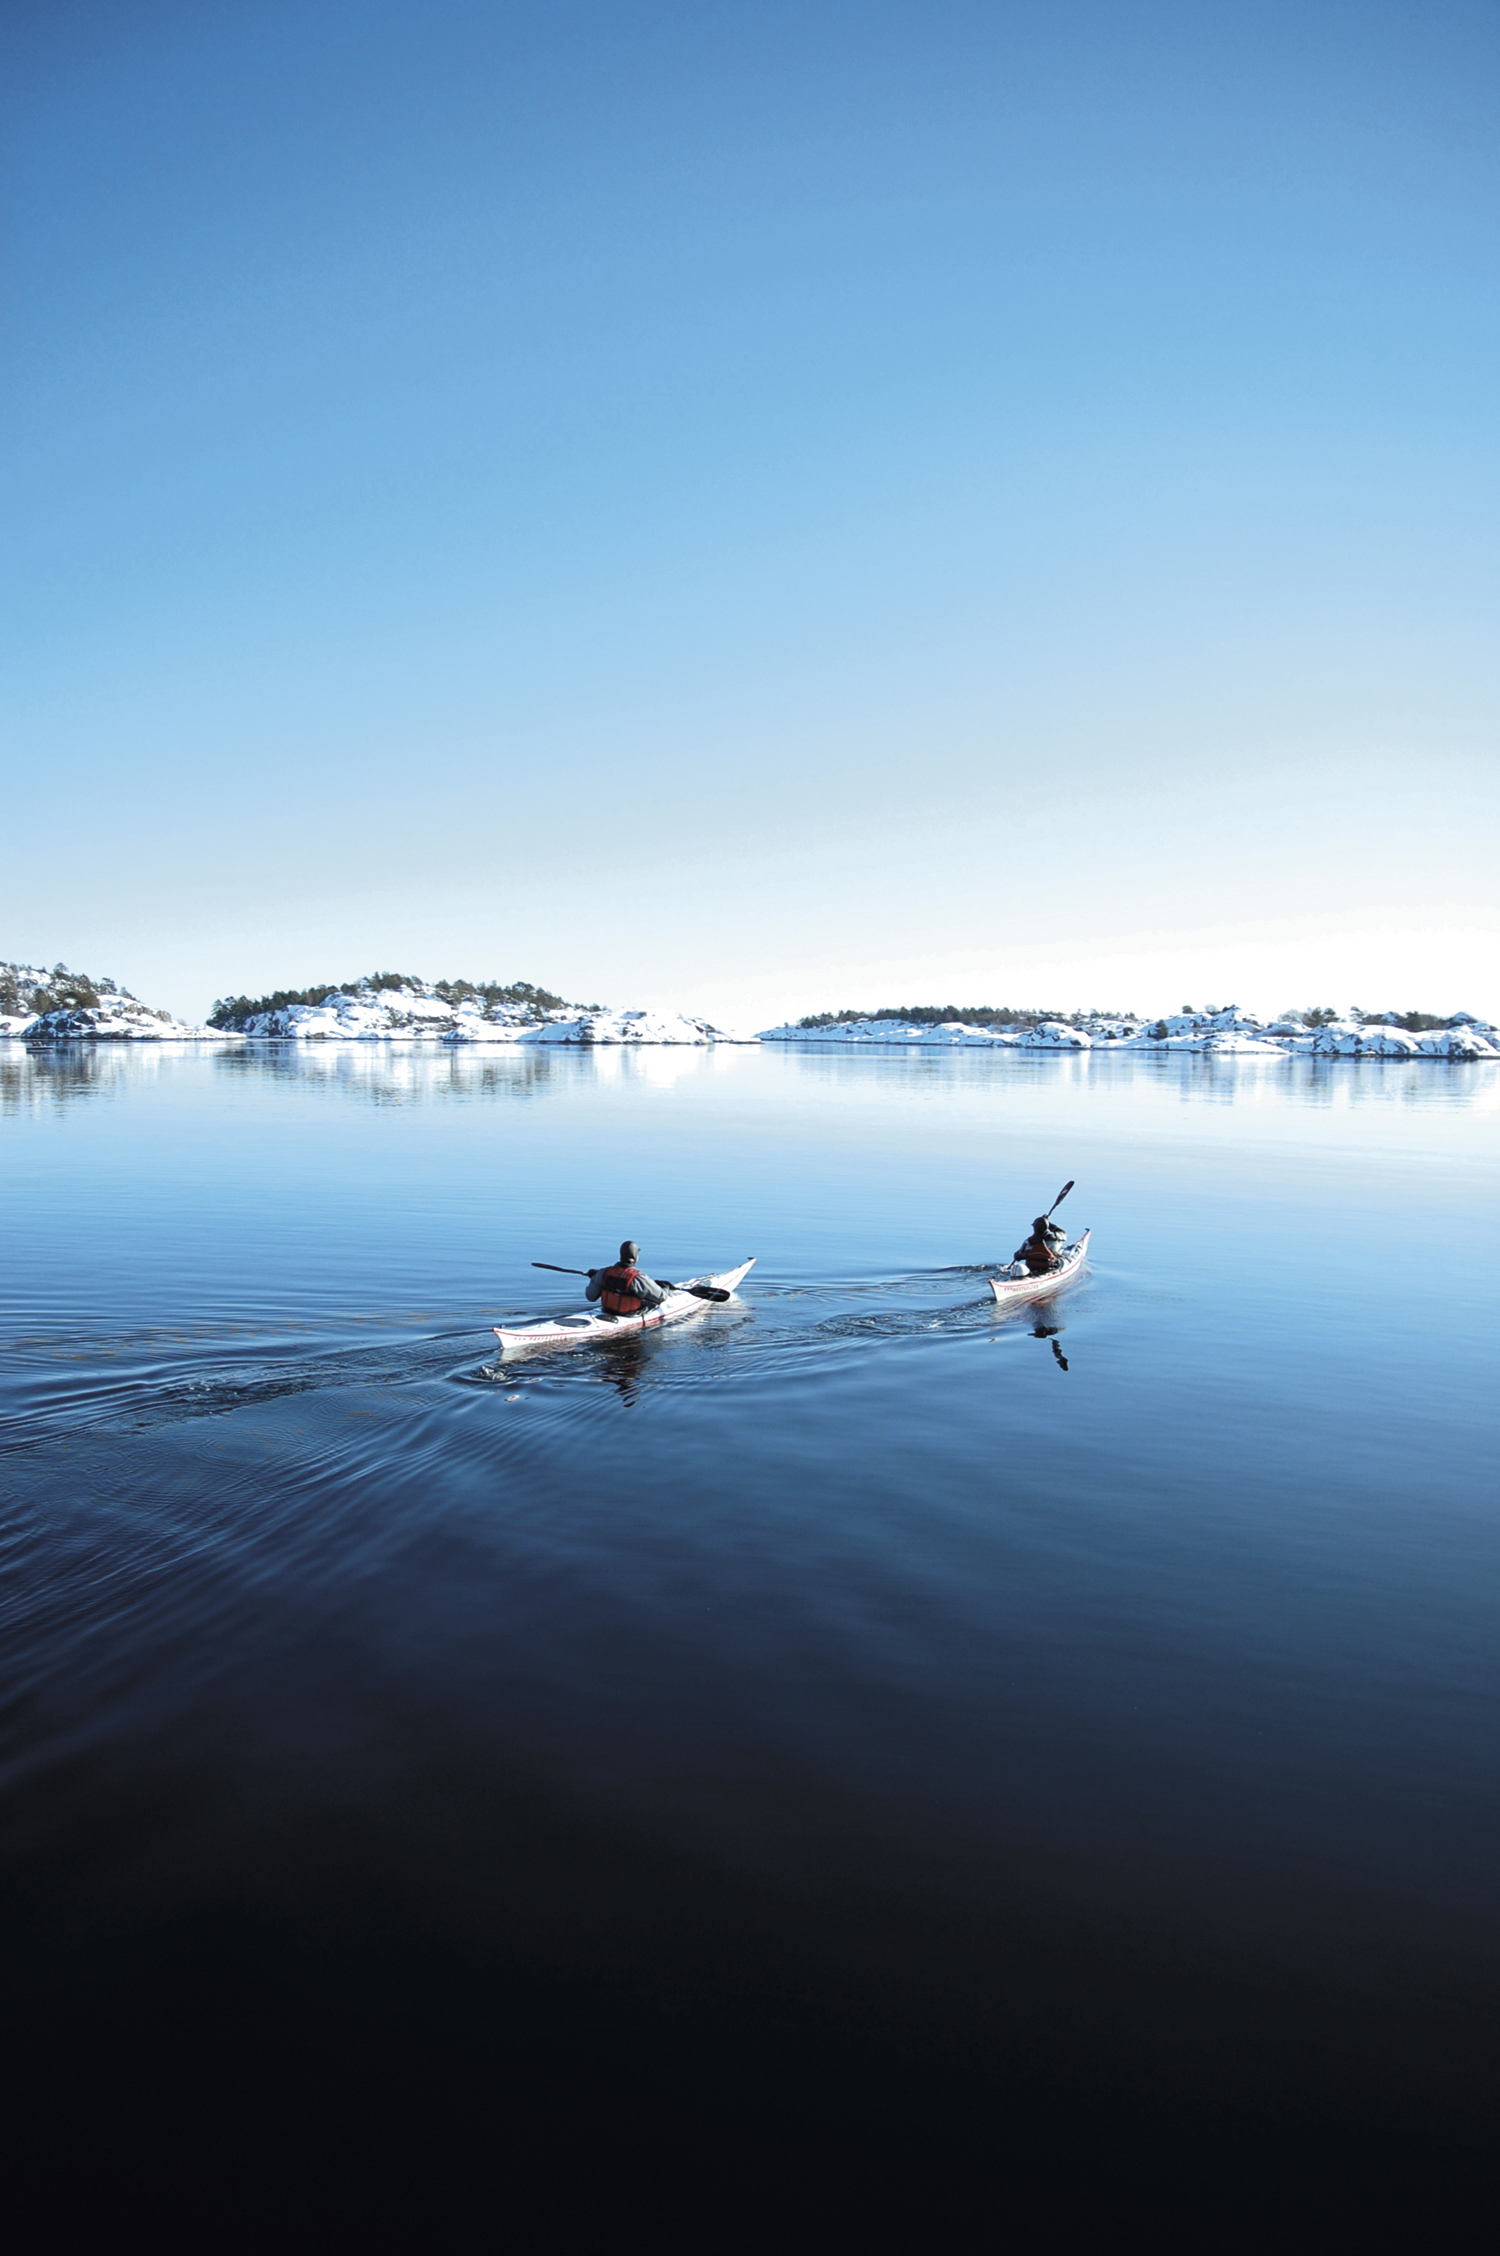 Kajakk-vinterpadling1.jpg